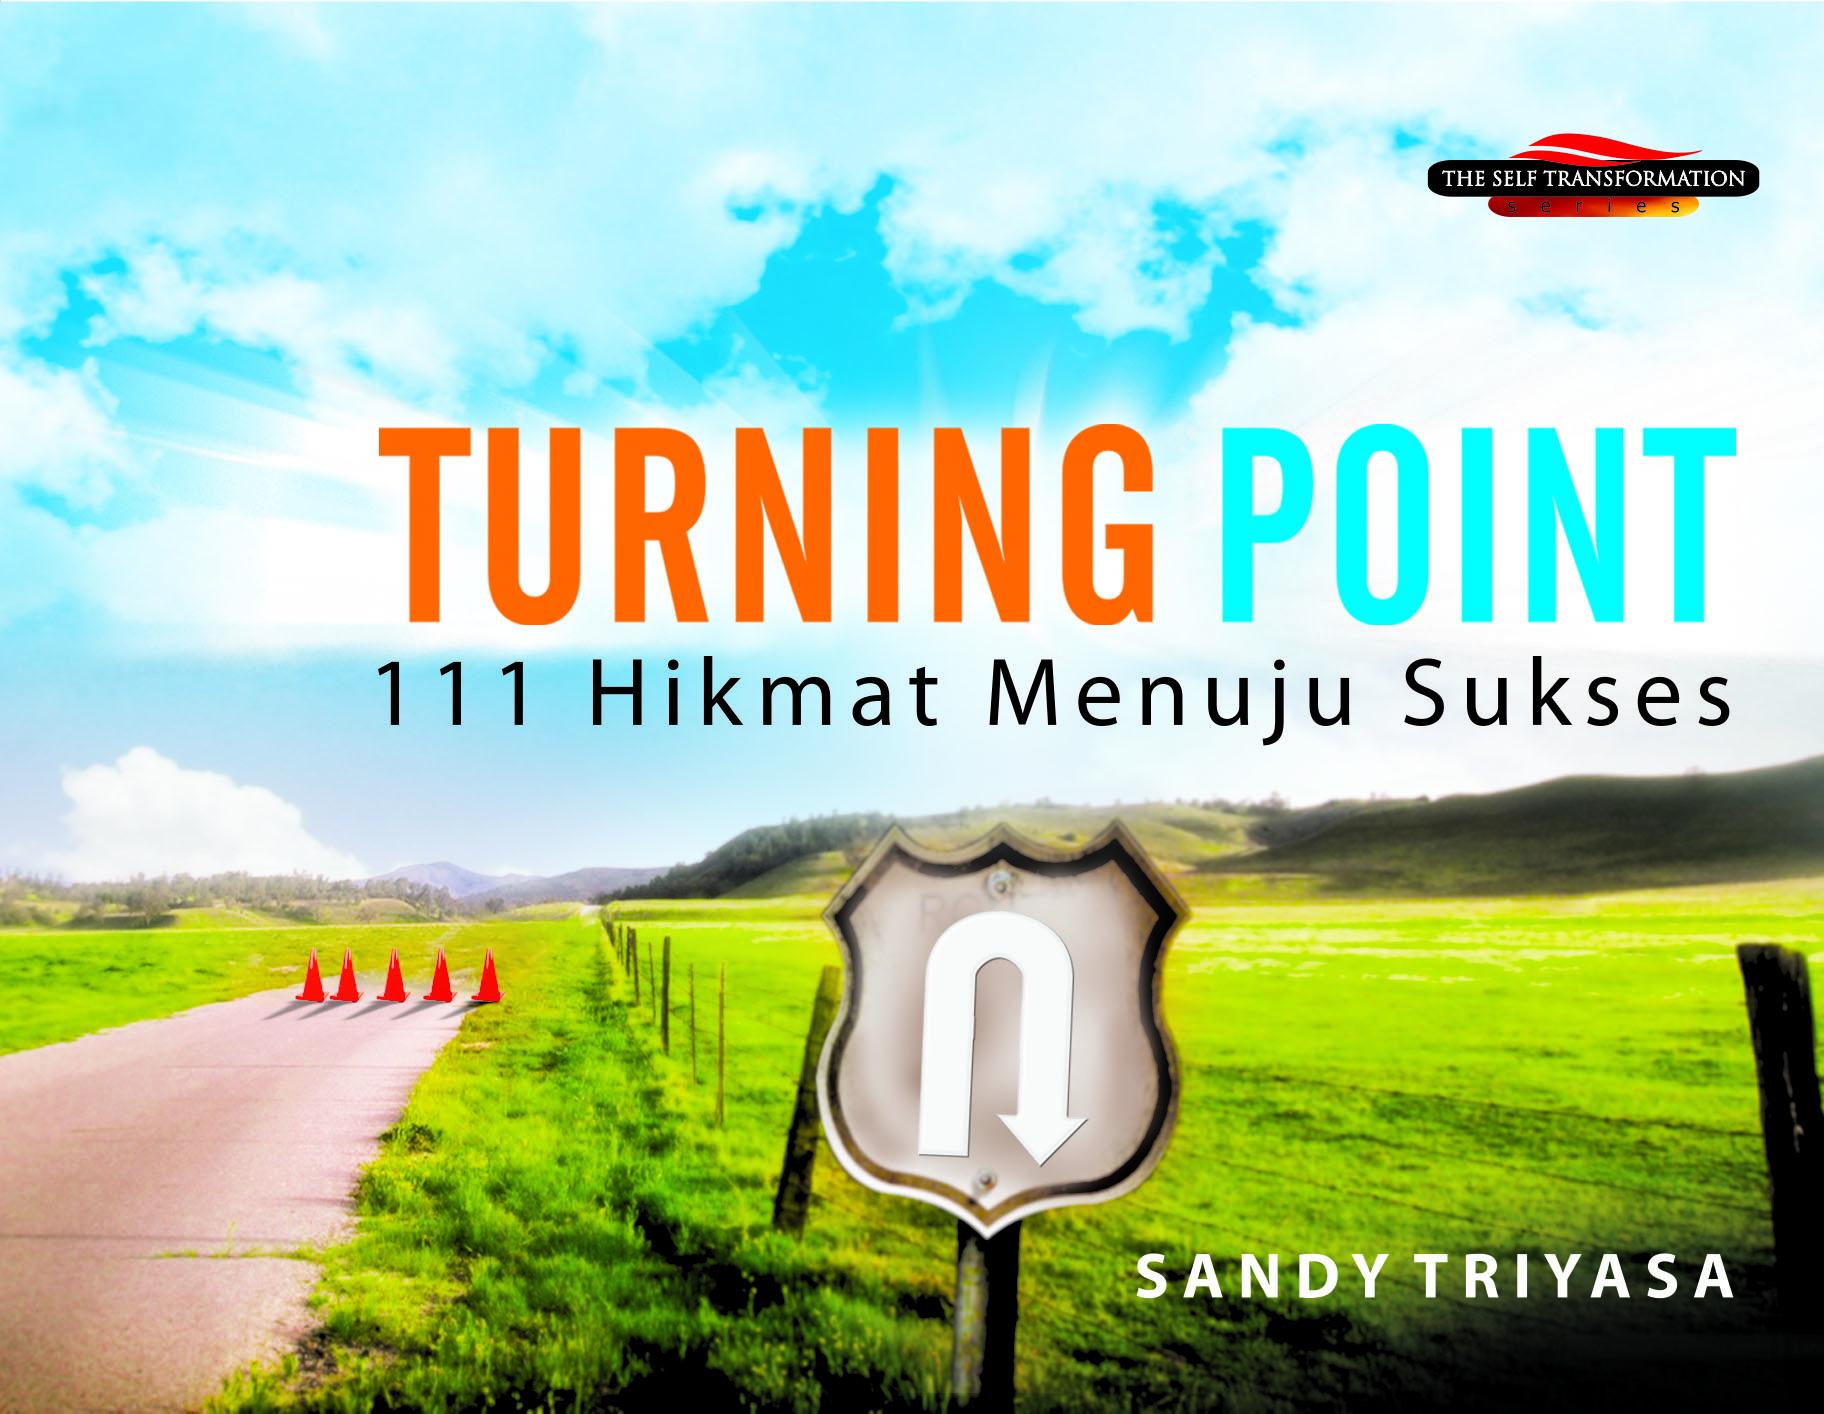 Turning point, 111 hikmat menuju sukses [sumber elektronis]